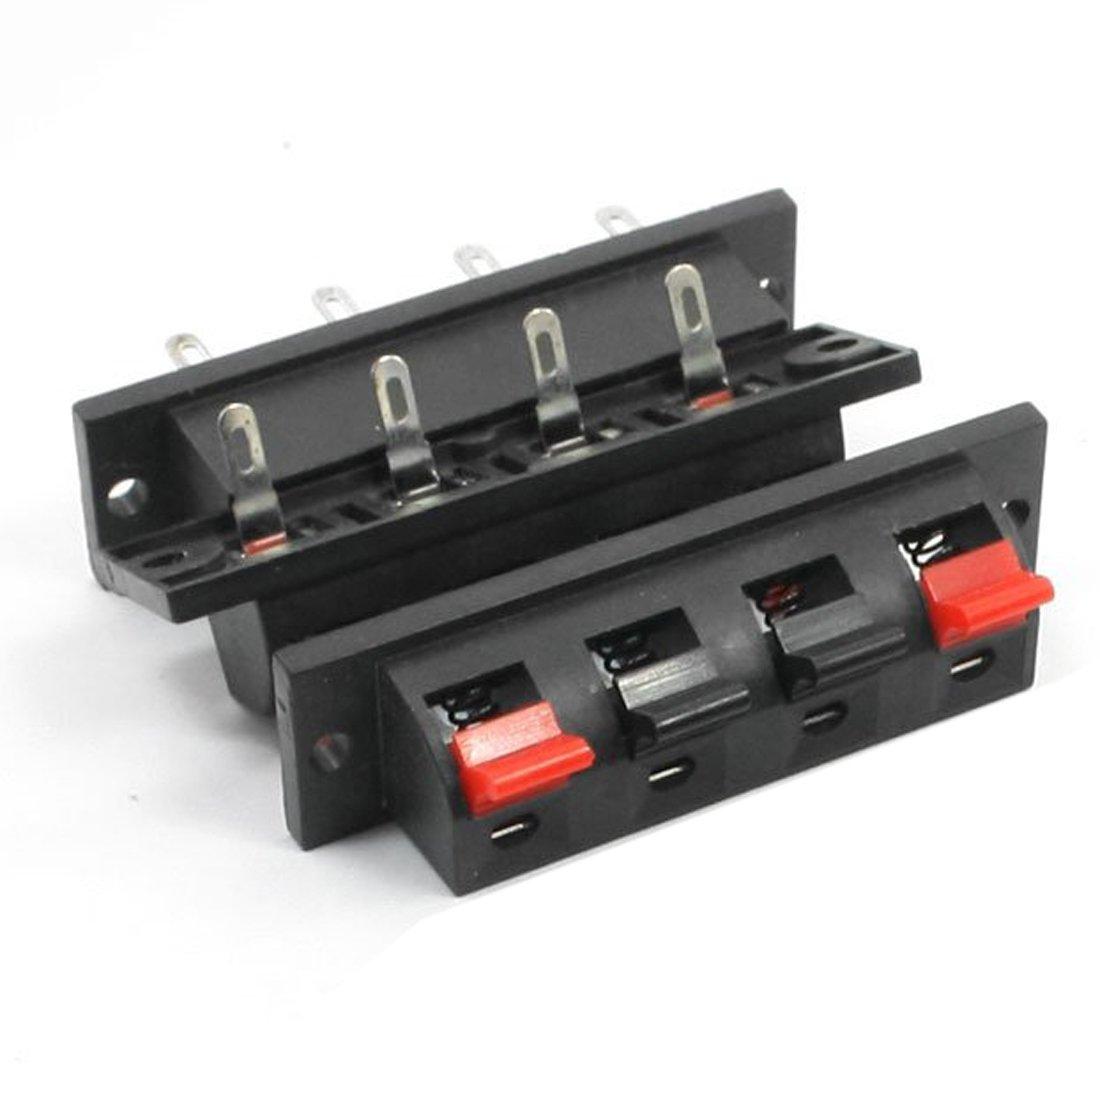 Seule ligne 4 broche 4 Position haut-parleur bornier connecteurs 5 Pcs TOOGOO R